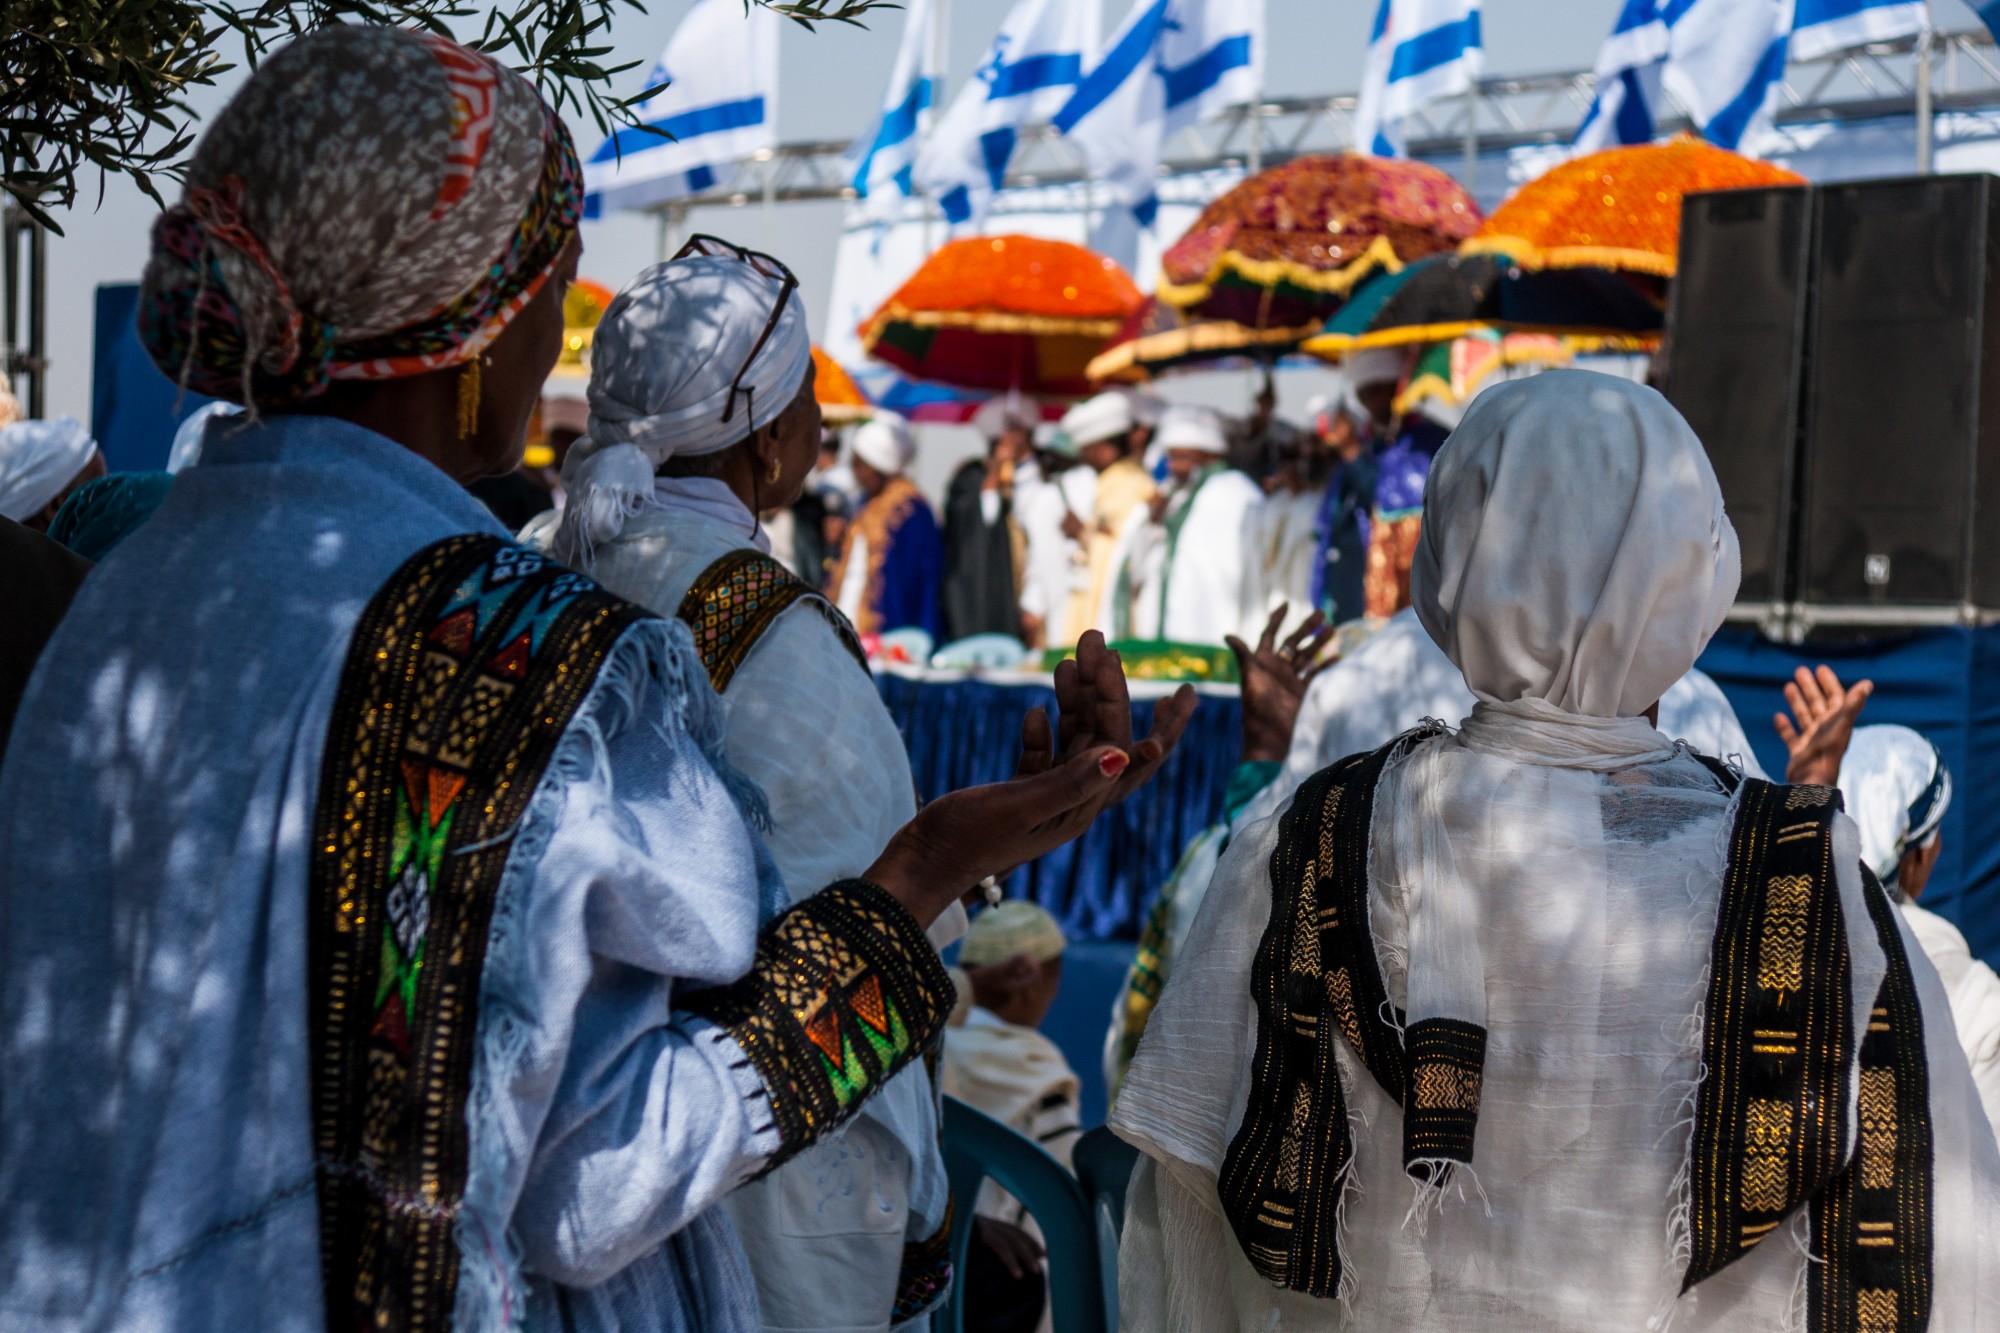 עולי אתיופיה בישראל. עדת יוצאי אתיופיה.